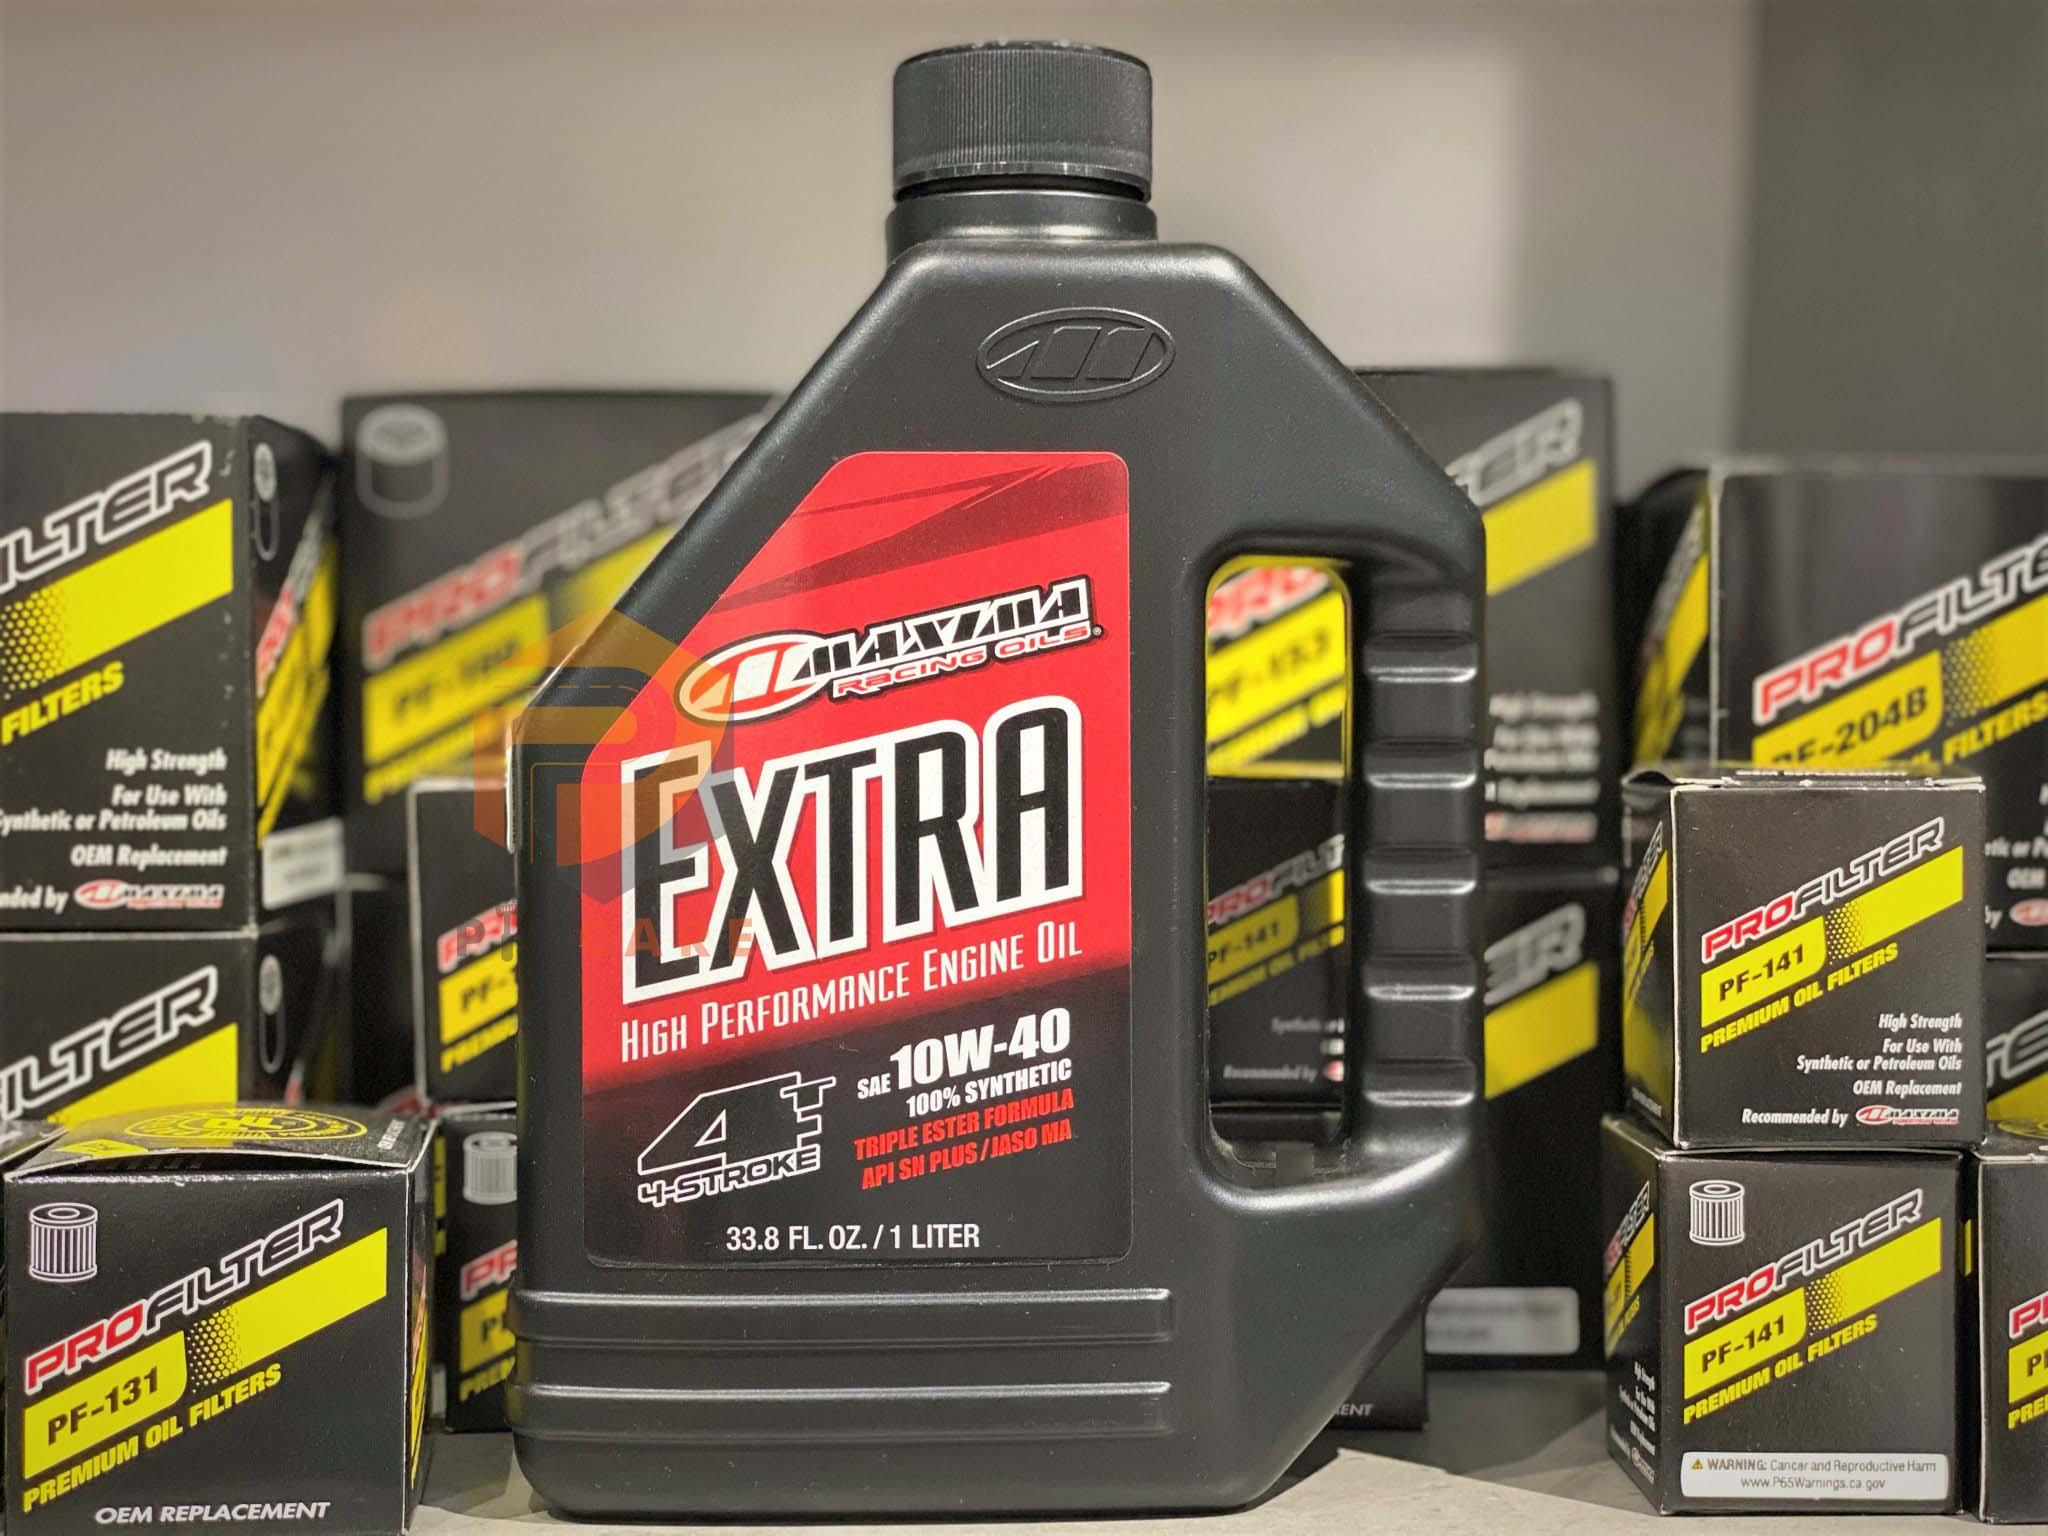 Nhớt xe máy xe tay côn động cơ 4 thì Maxima Extra 10W40 100% Synthetic (có chiết lẻ)